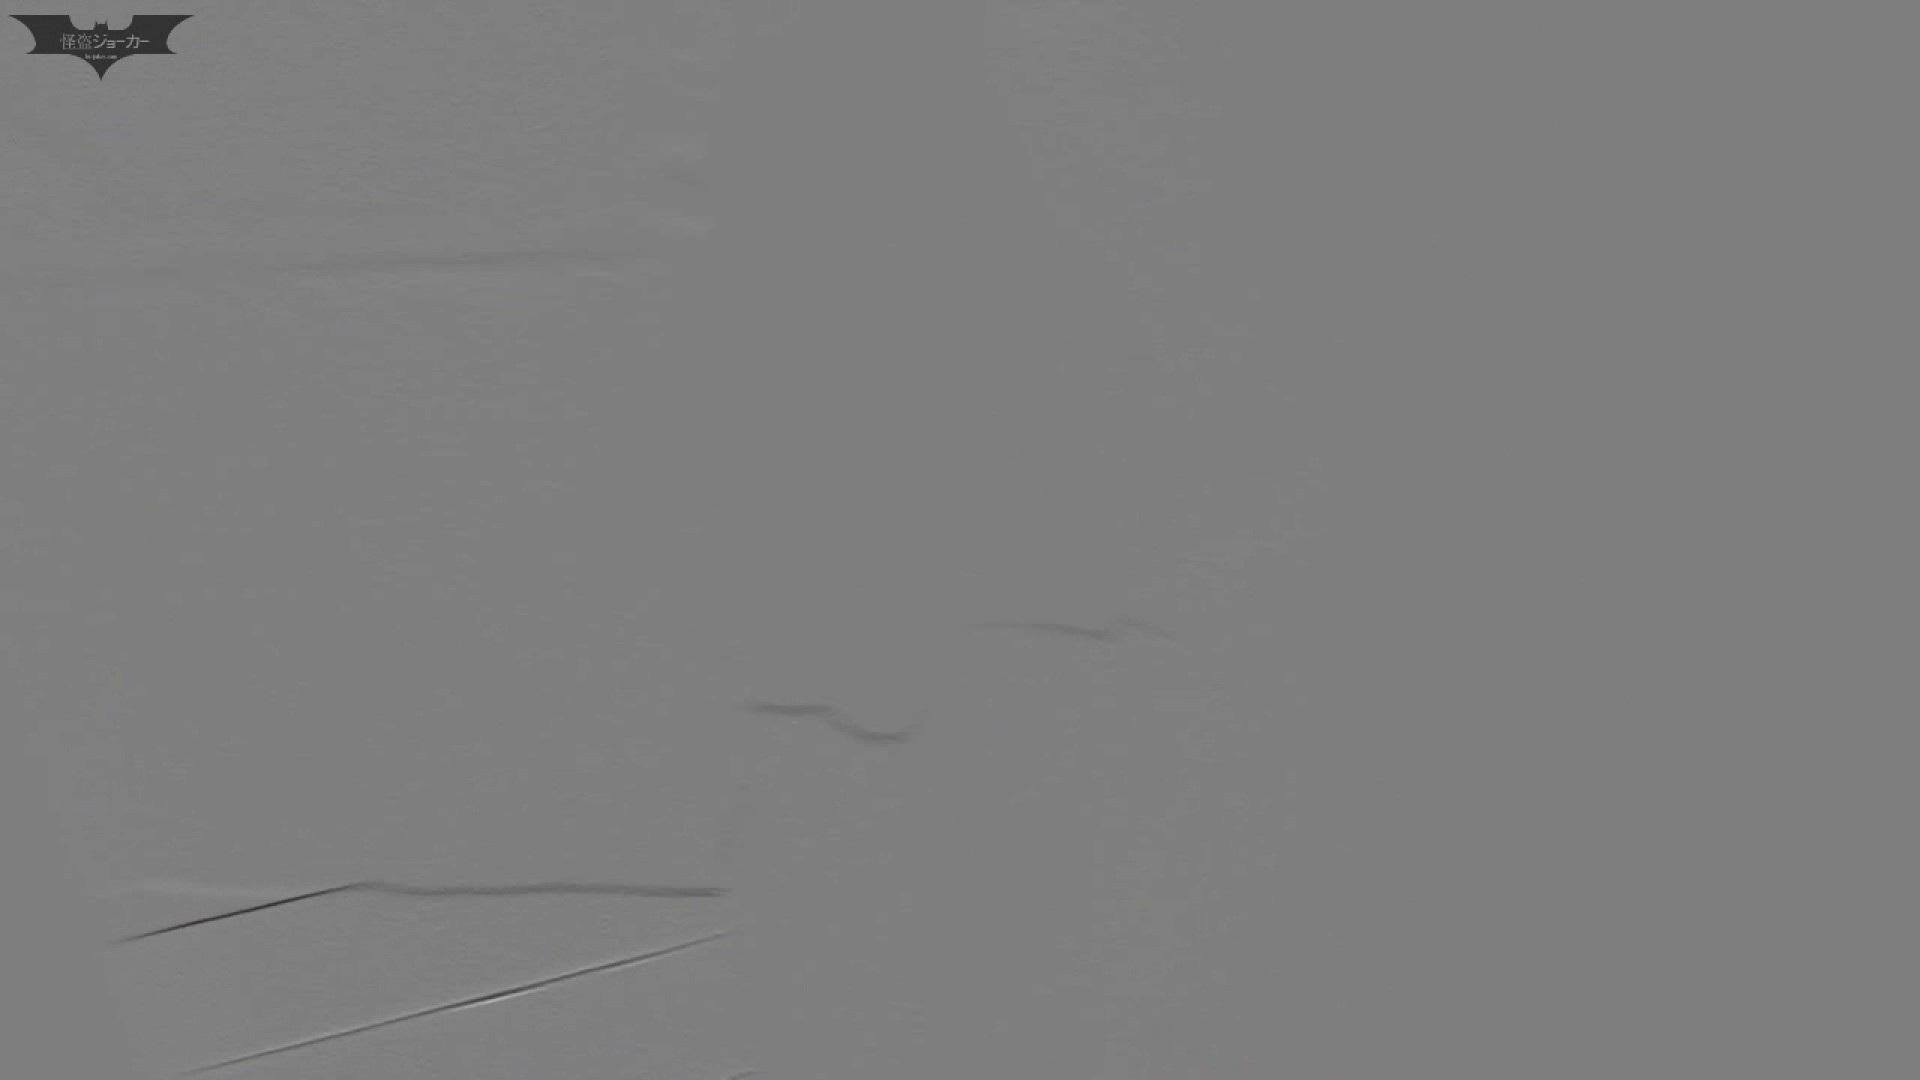 【期間・個数限定配信】 マンコ丸見え!第三体育館潜入撮File001 体育館 オメコ動画キャプチャ 43連発 29